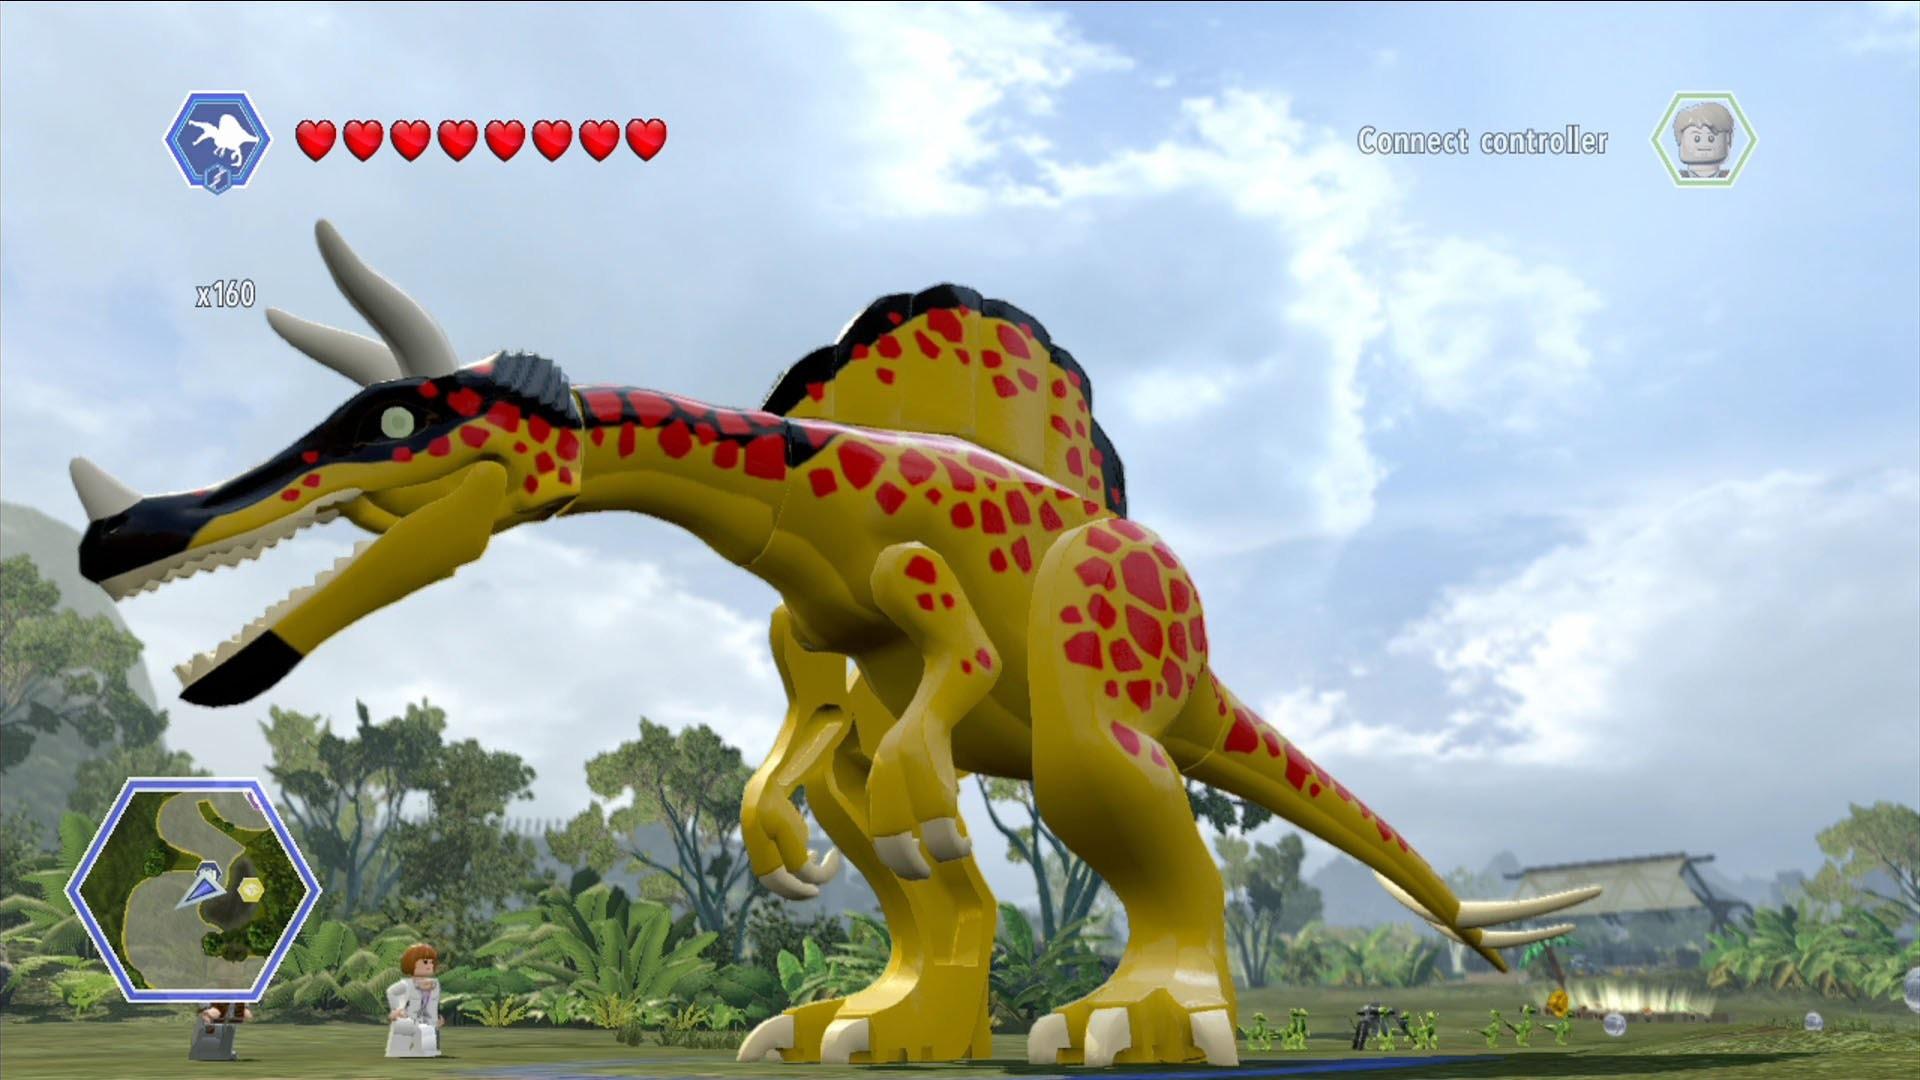 Spinosaurus wallpaper hd 76 images - Lego spinosaurus ...